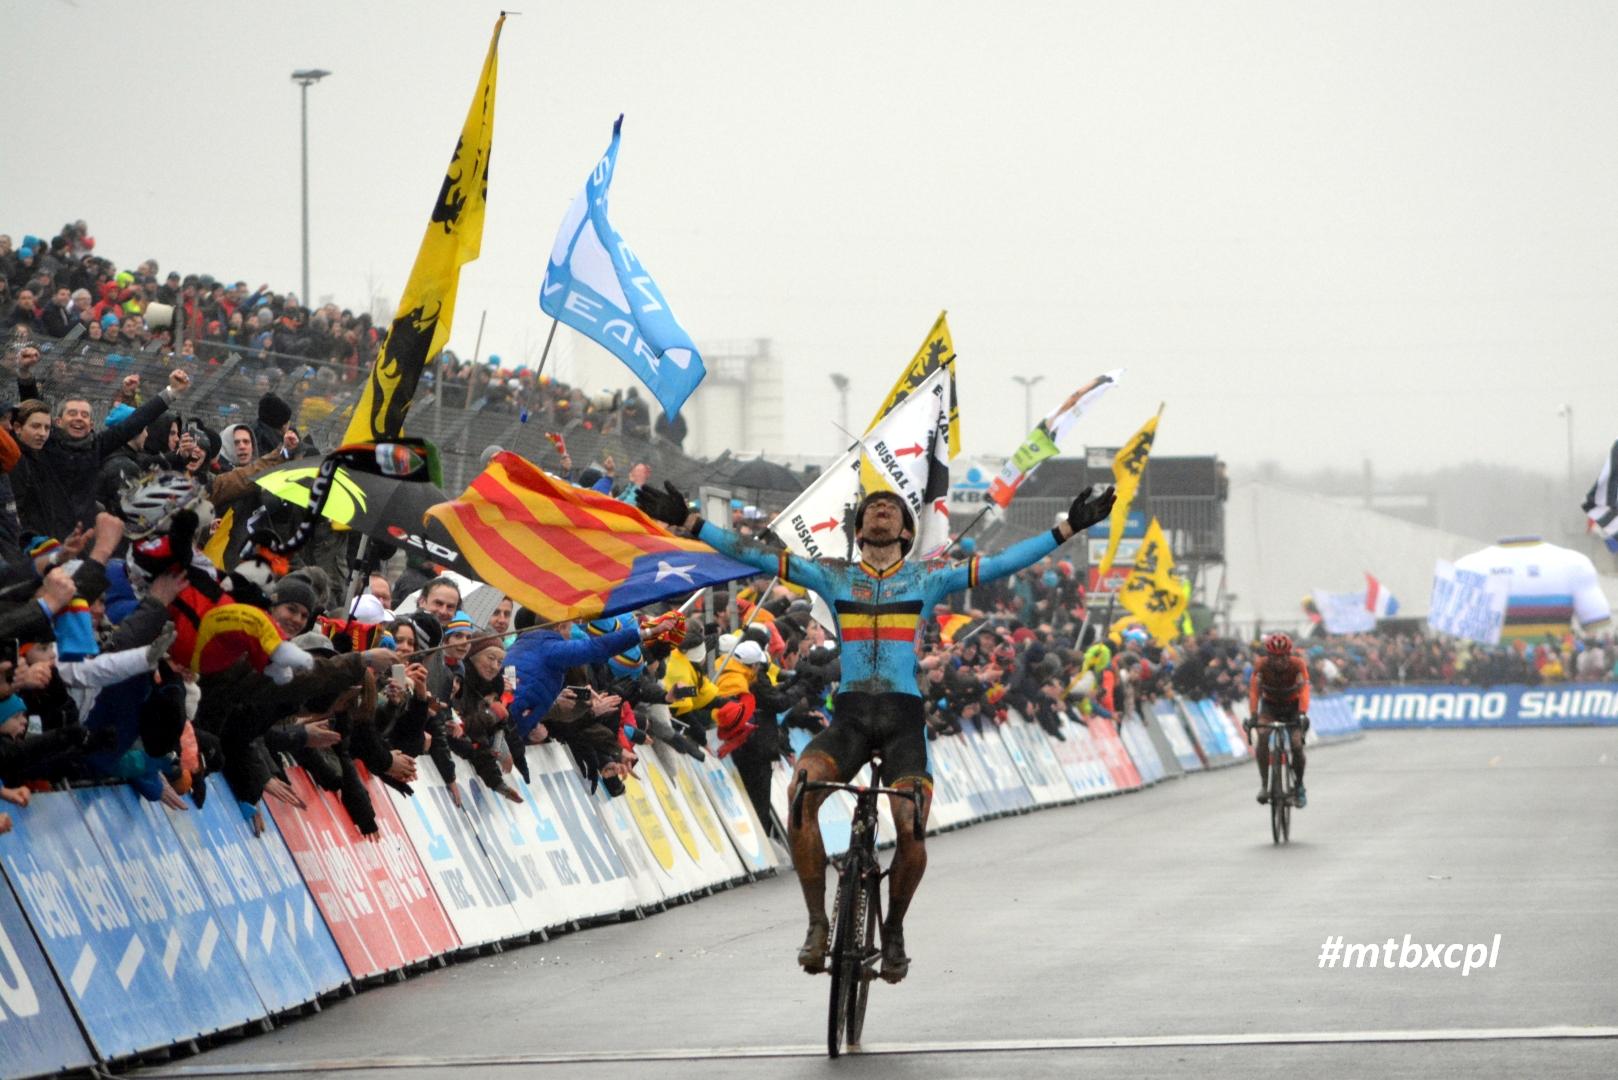 Mistrzostwa Świata w kolarstwie przełajowym – komentarze zwycięzców